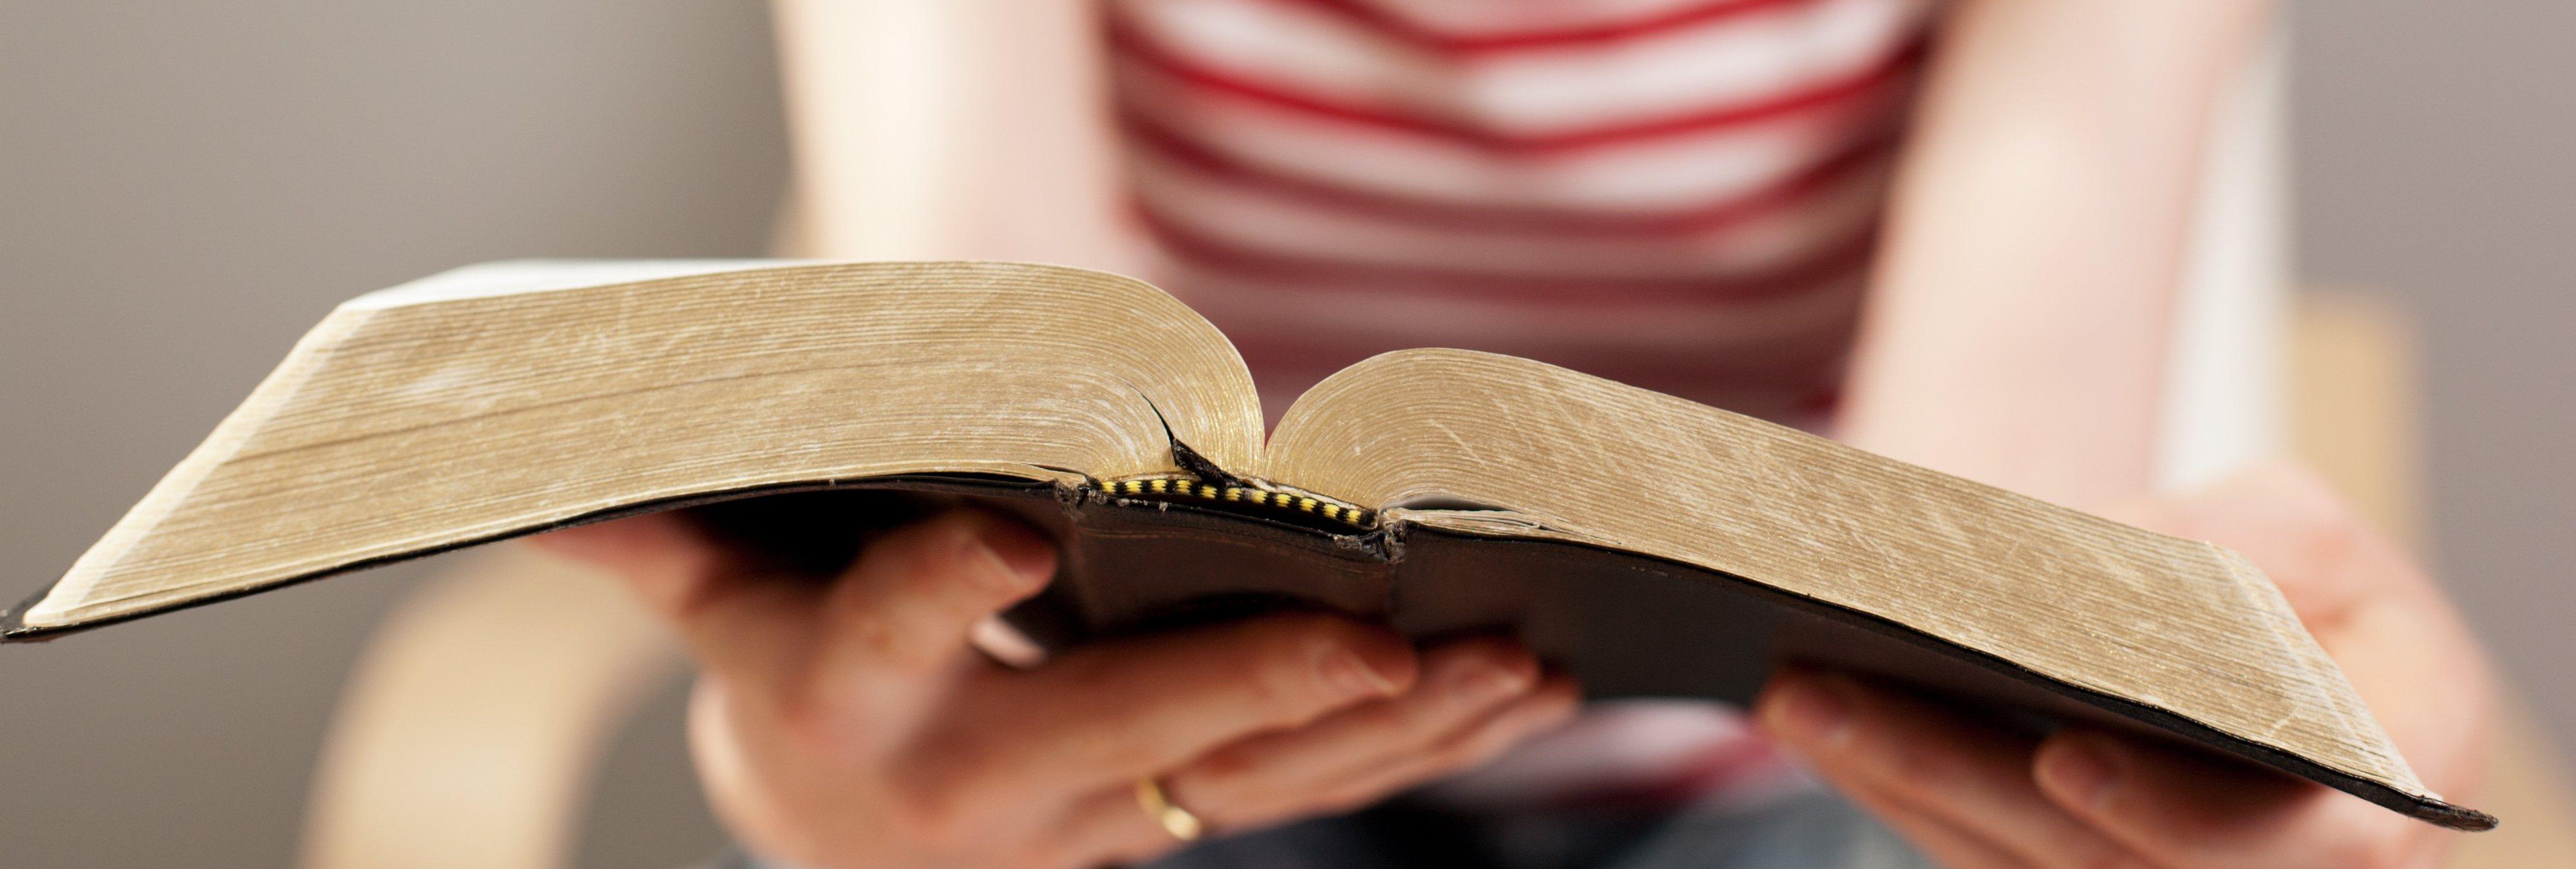 La población abiertamente atea ya es mayoría en España